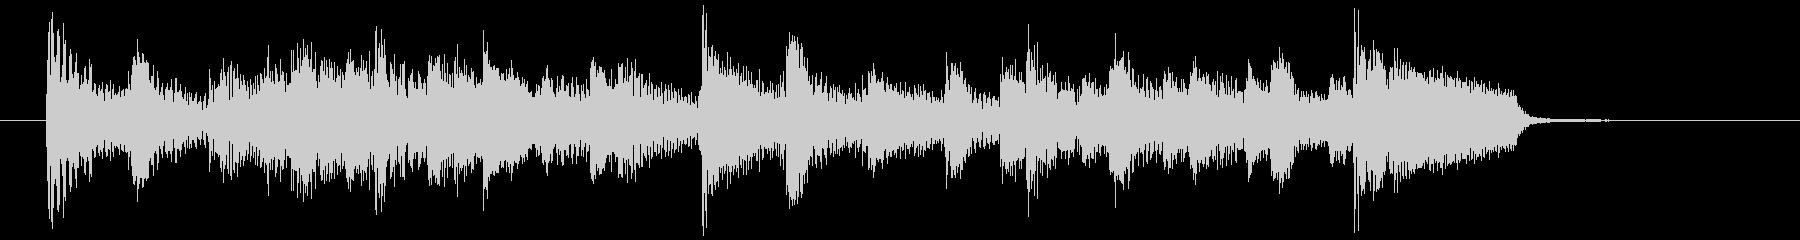 おしゃれなジャズピアノのジングル シックの未再生の波形